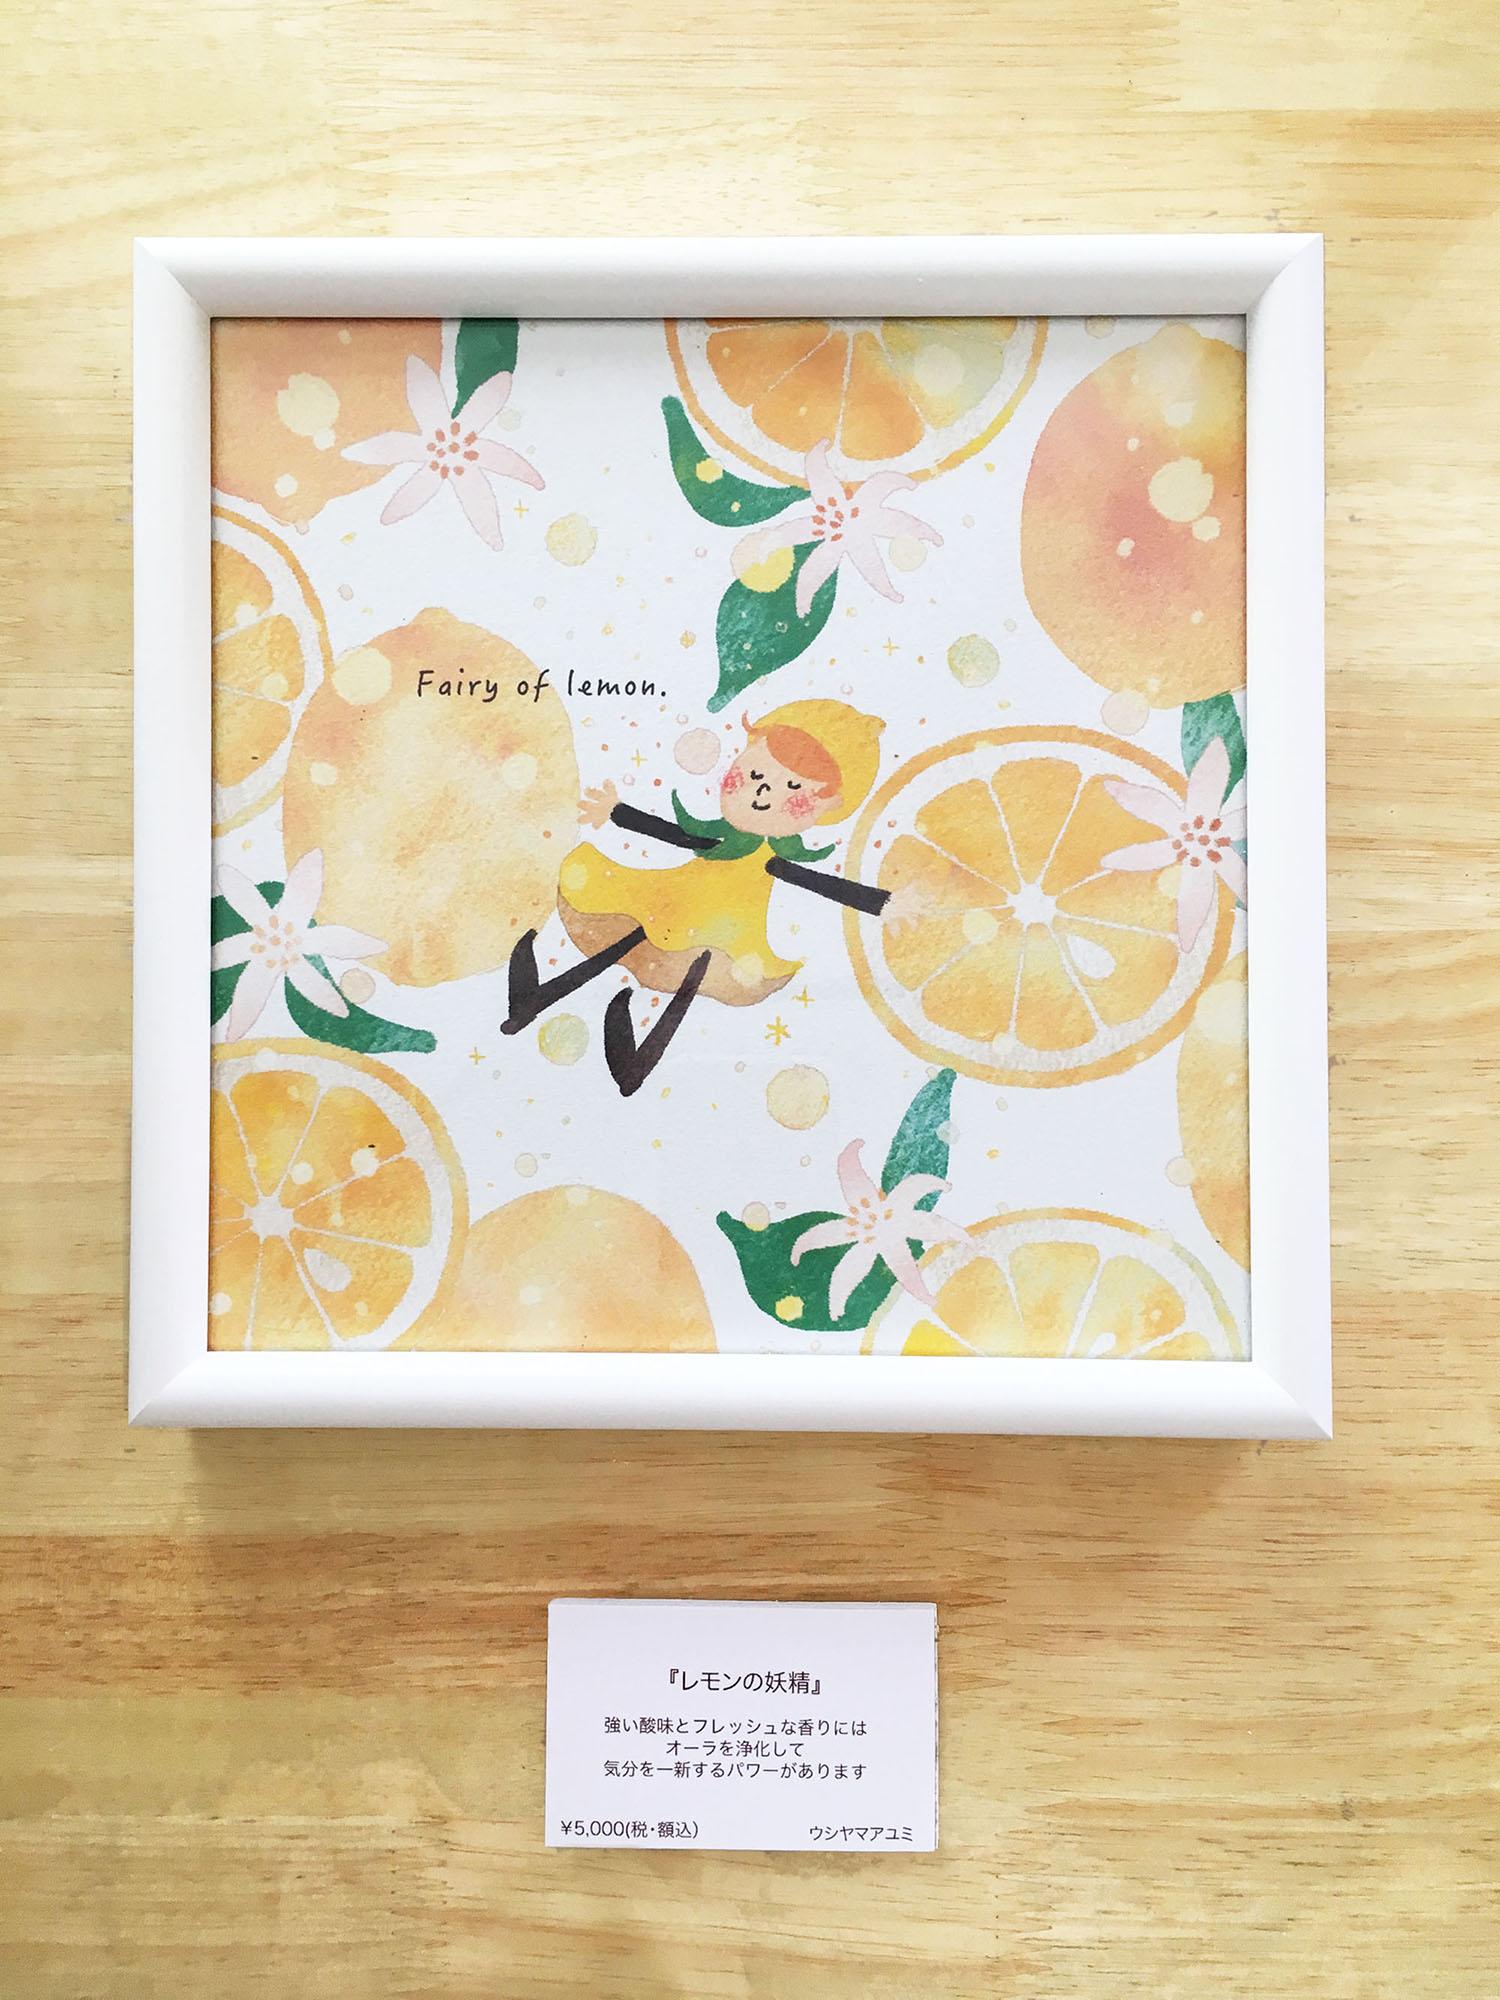 『レモンの妖精』<br>(水彩デジタルプリント)<br> W218×H218×D24mm(額寸)<br> ¥6,000(税・額込み)